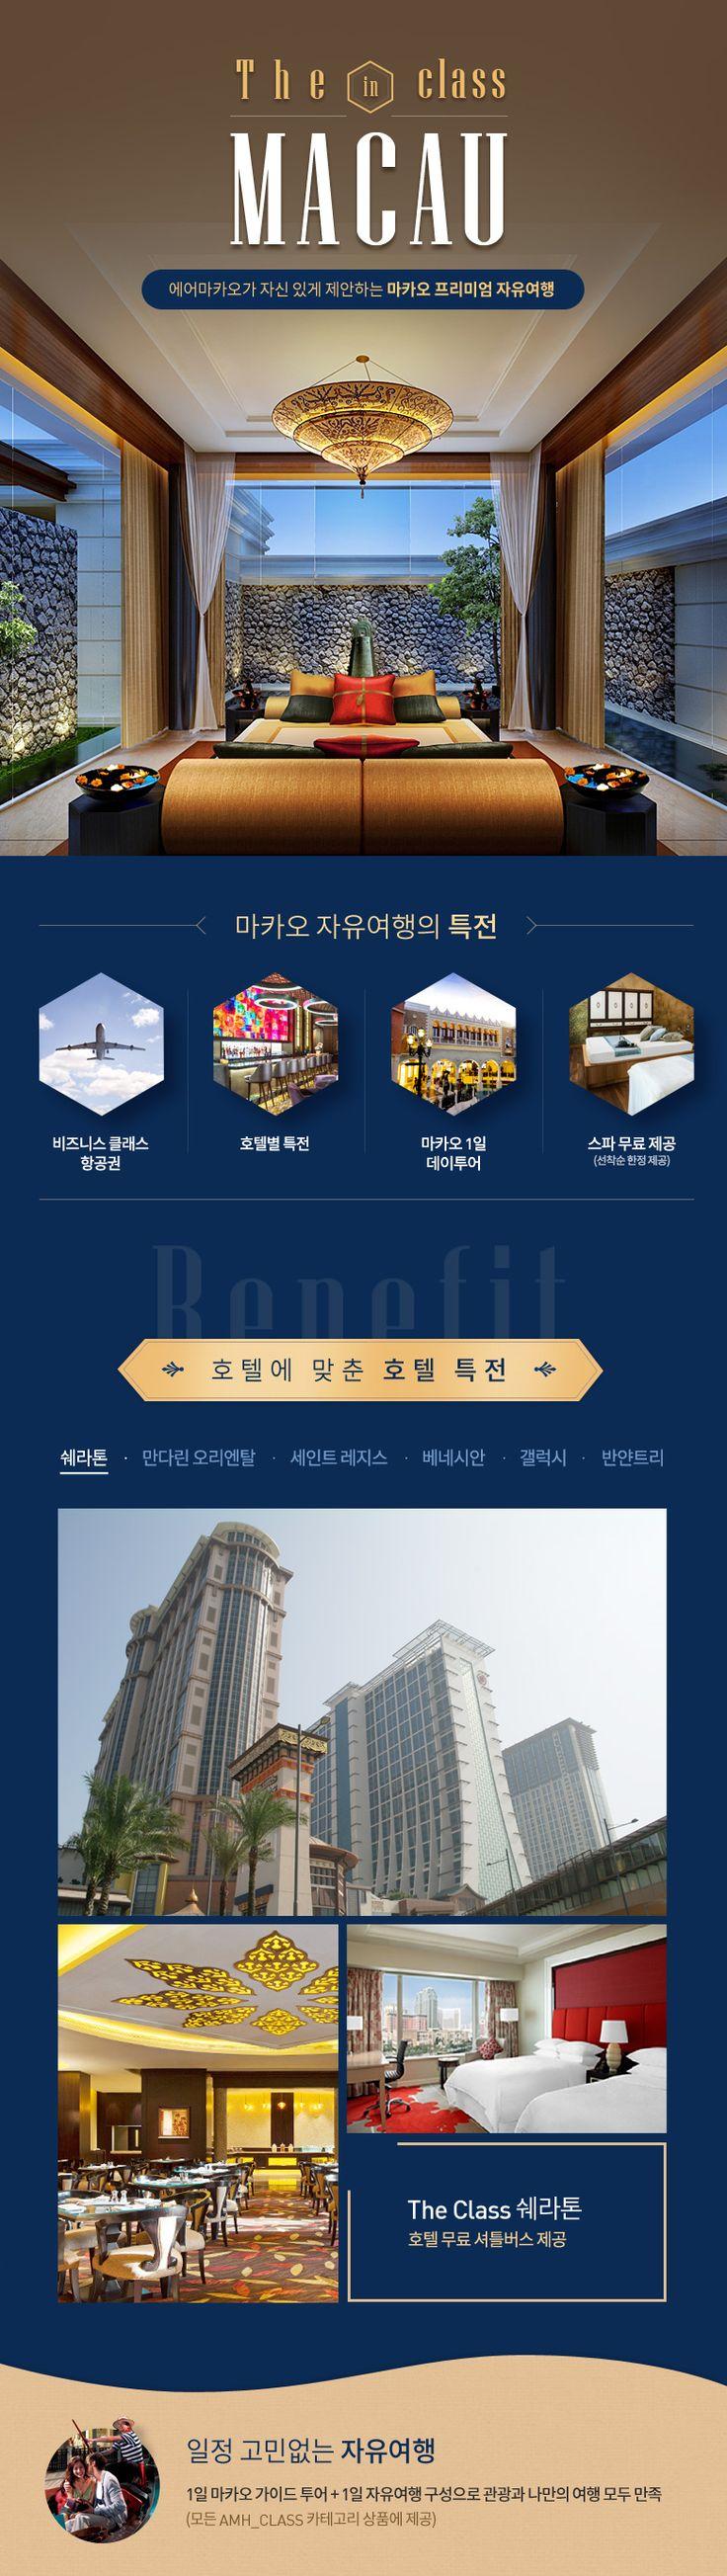 여행 기획전  이벤트 event